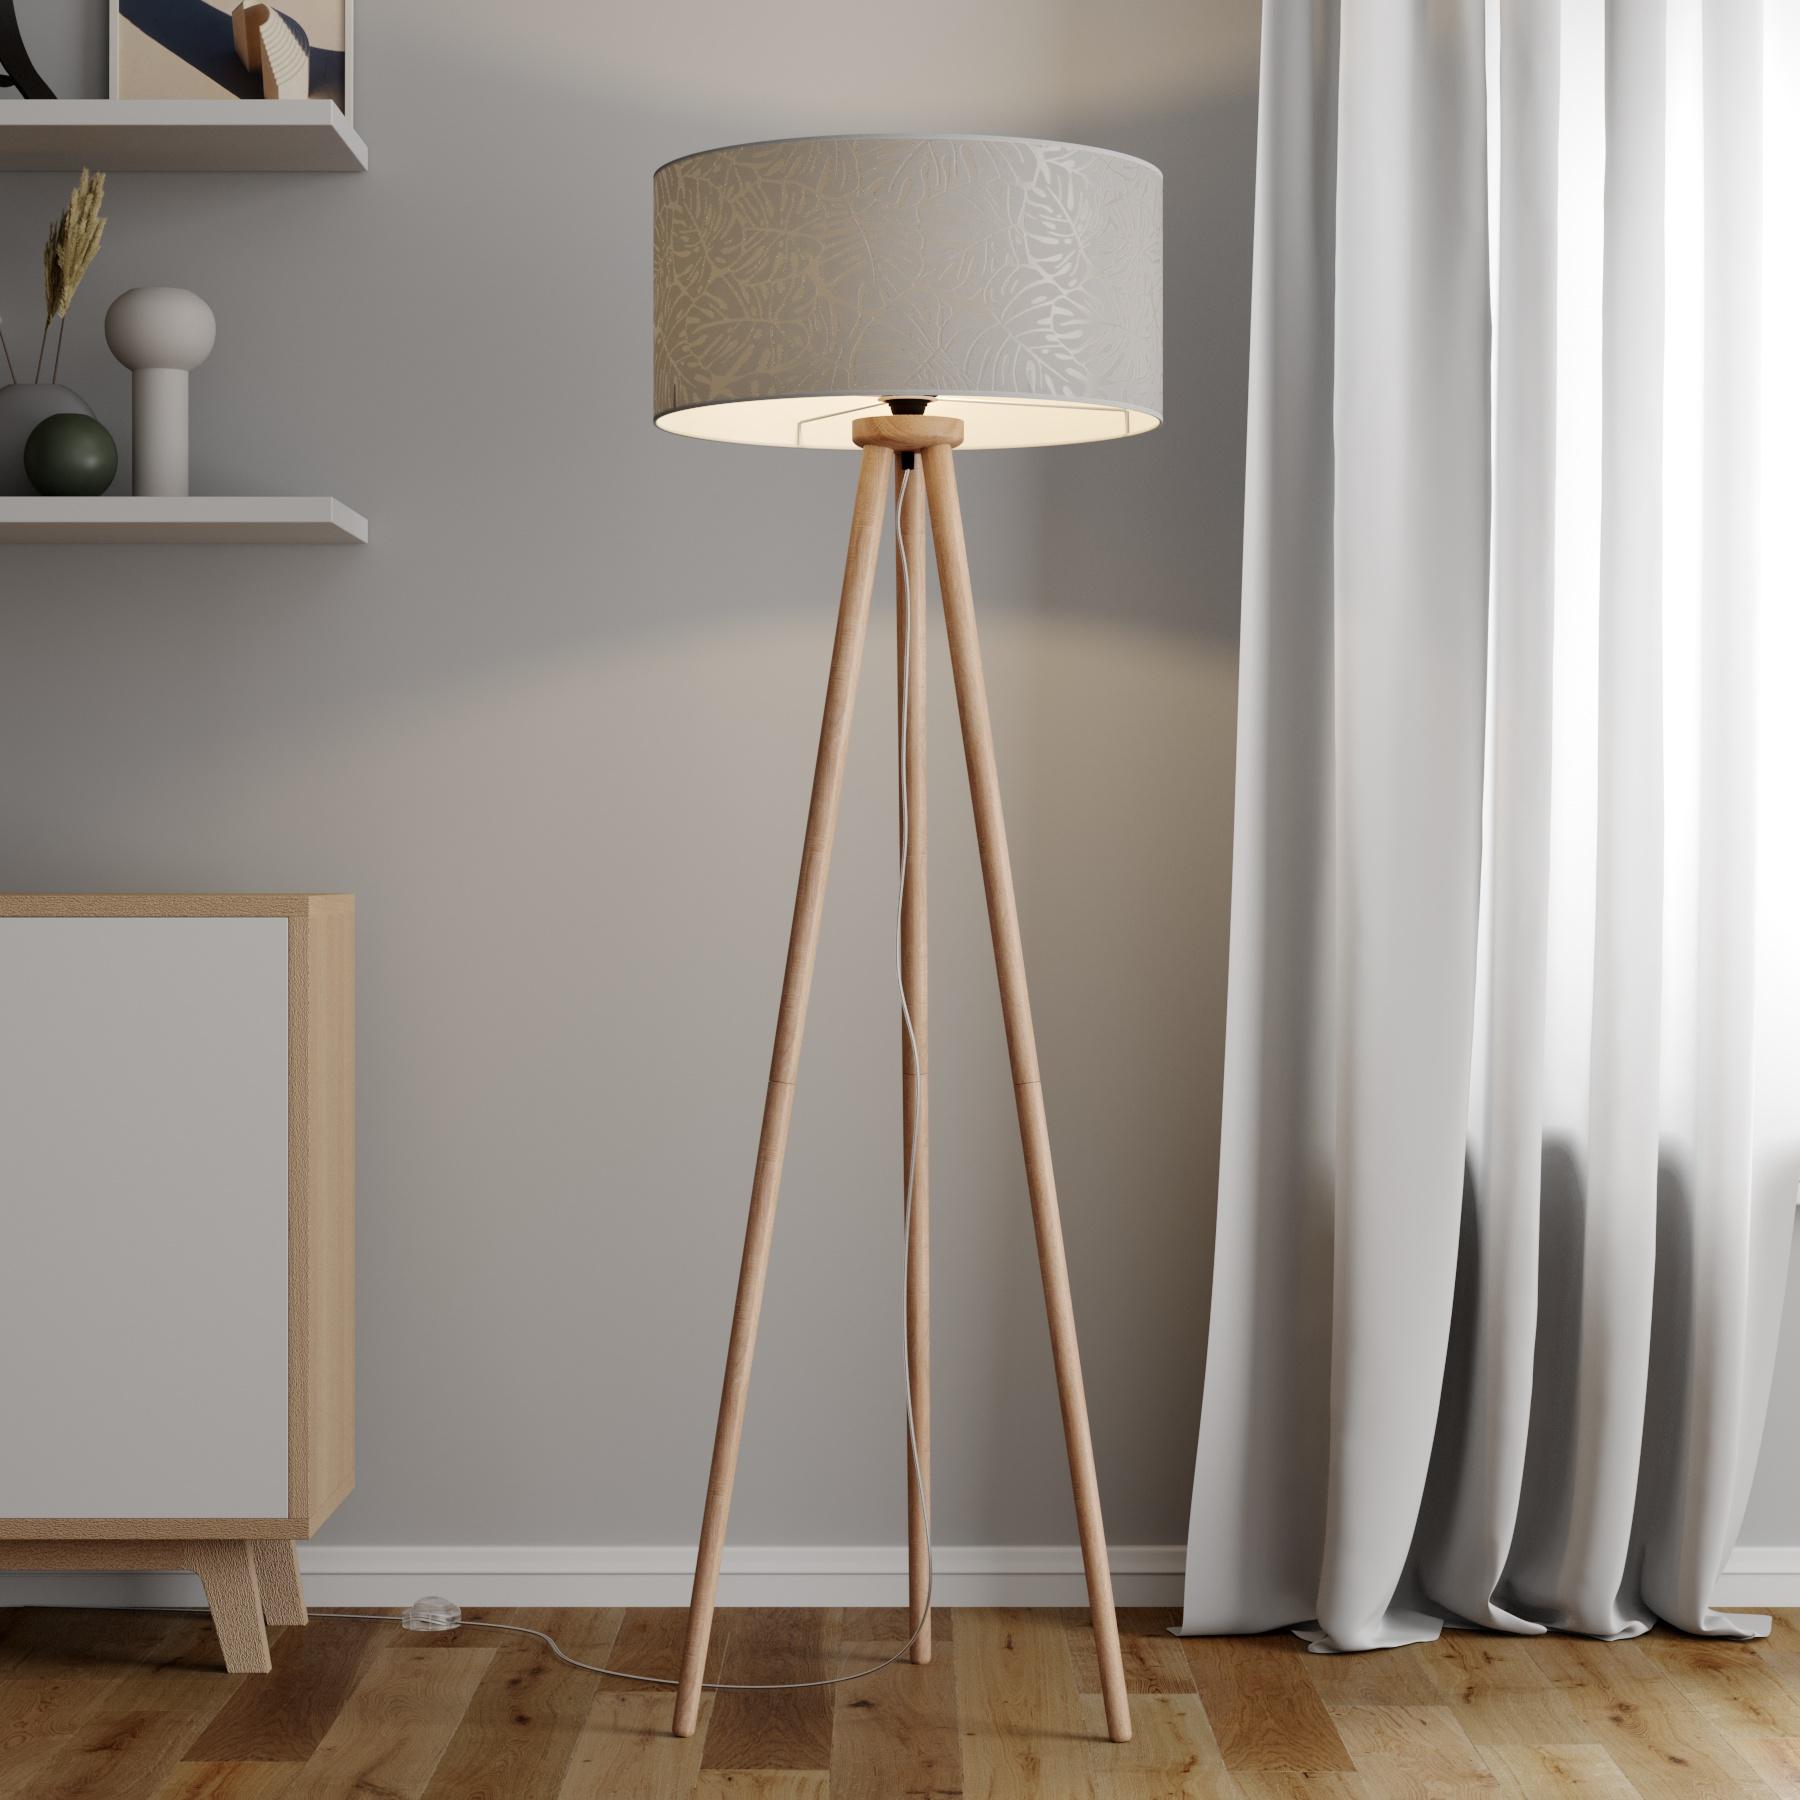 Stehleuchte Hierro mit bedrucktem Lampenschirm